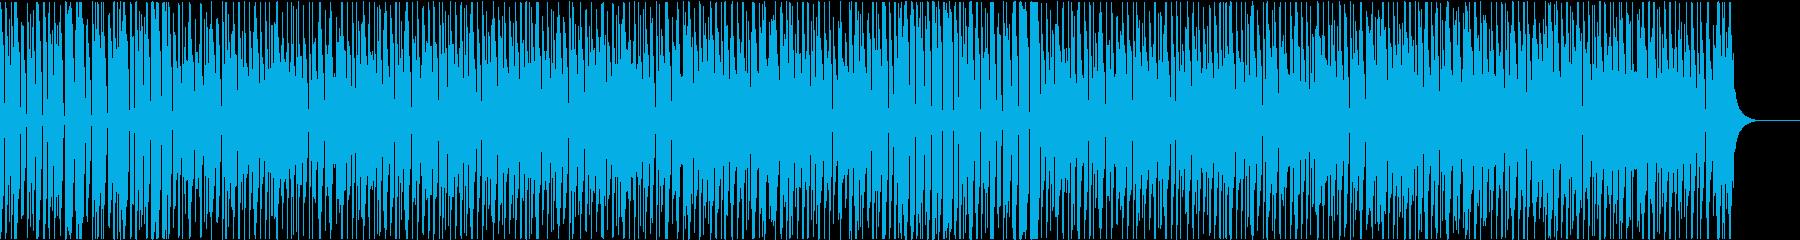 ウクレレ・軽快・わくわく・動画配信の再生済みの波形